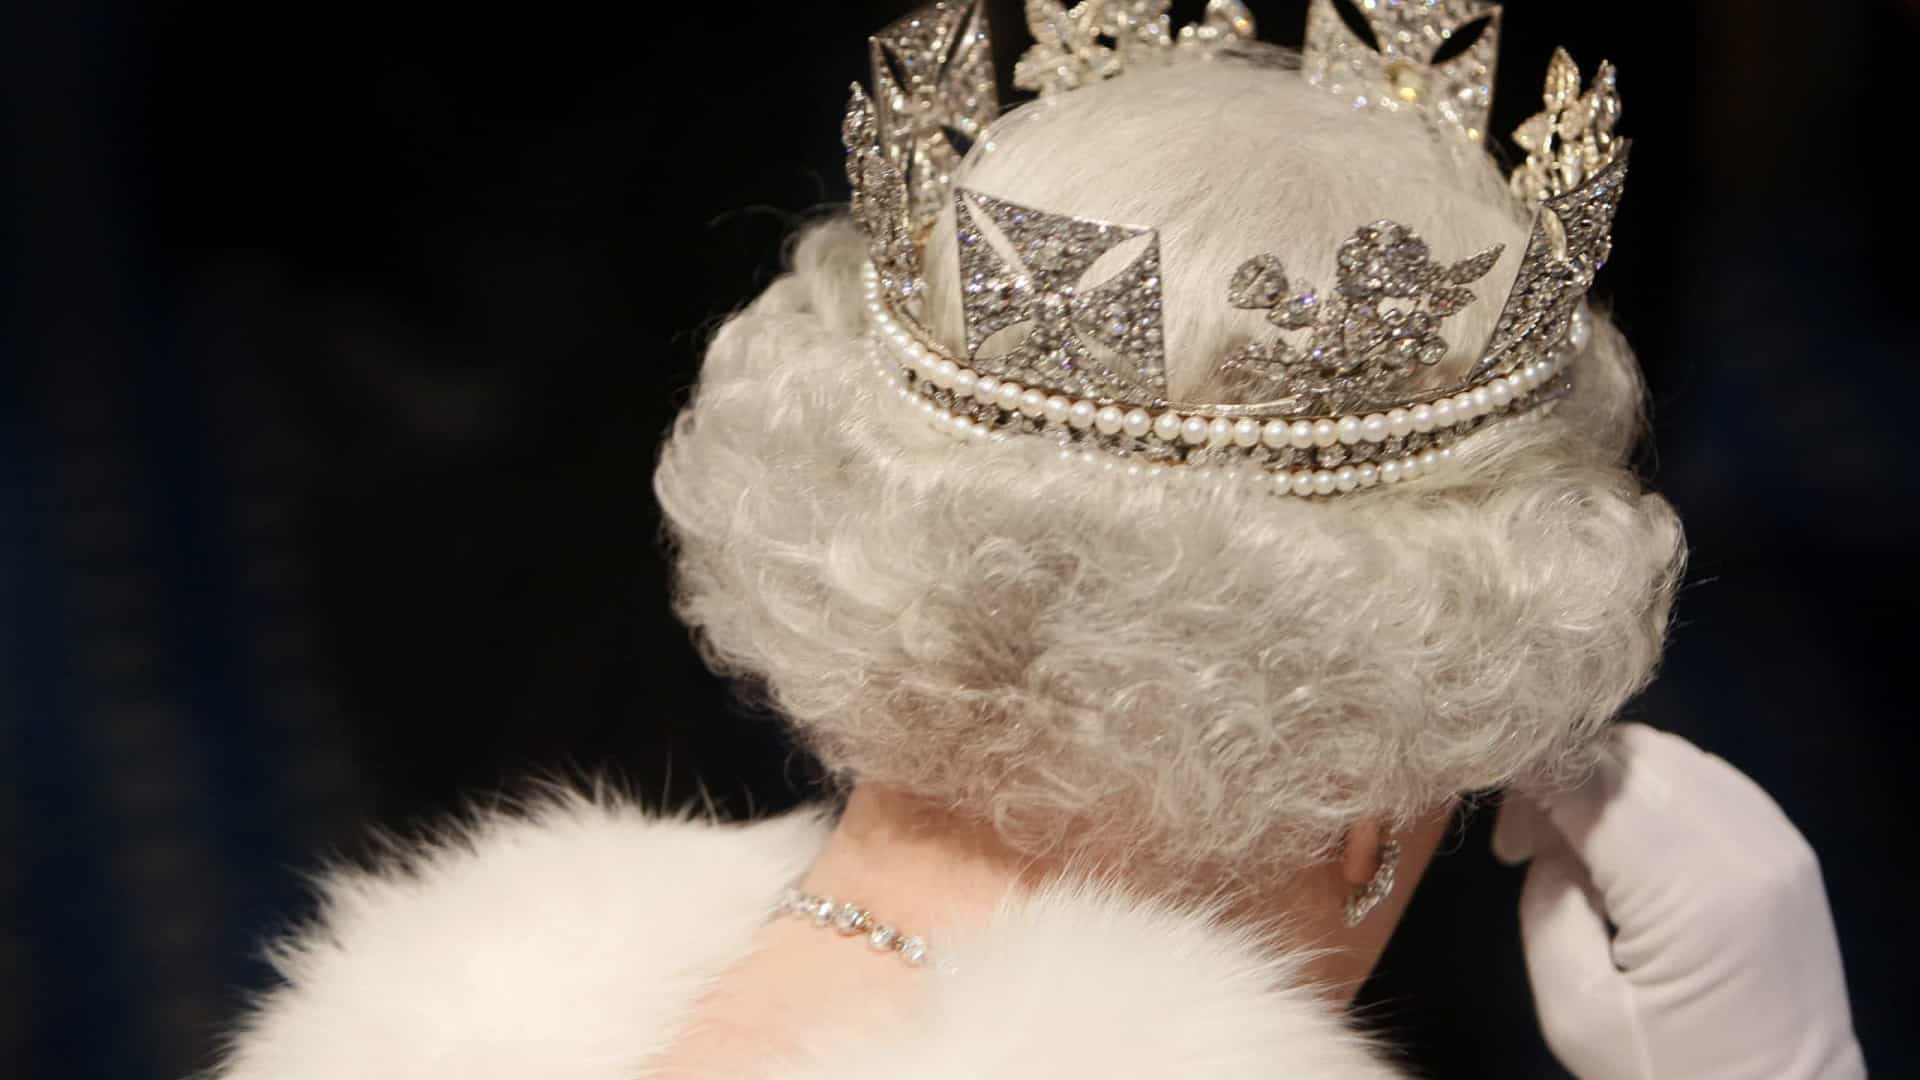 Novidades da Netflix continuam. Revelada data de estreia de 'The Crown'